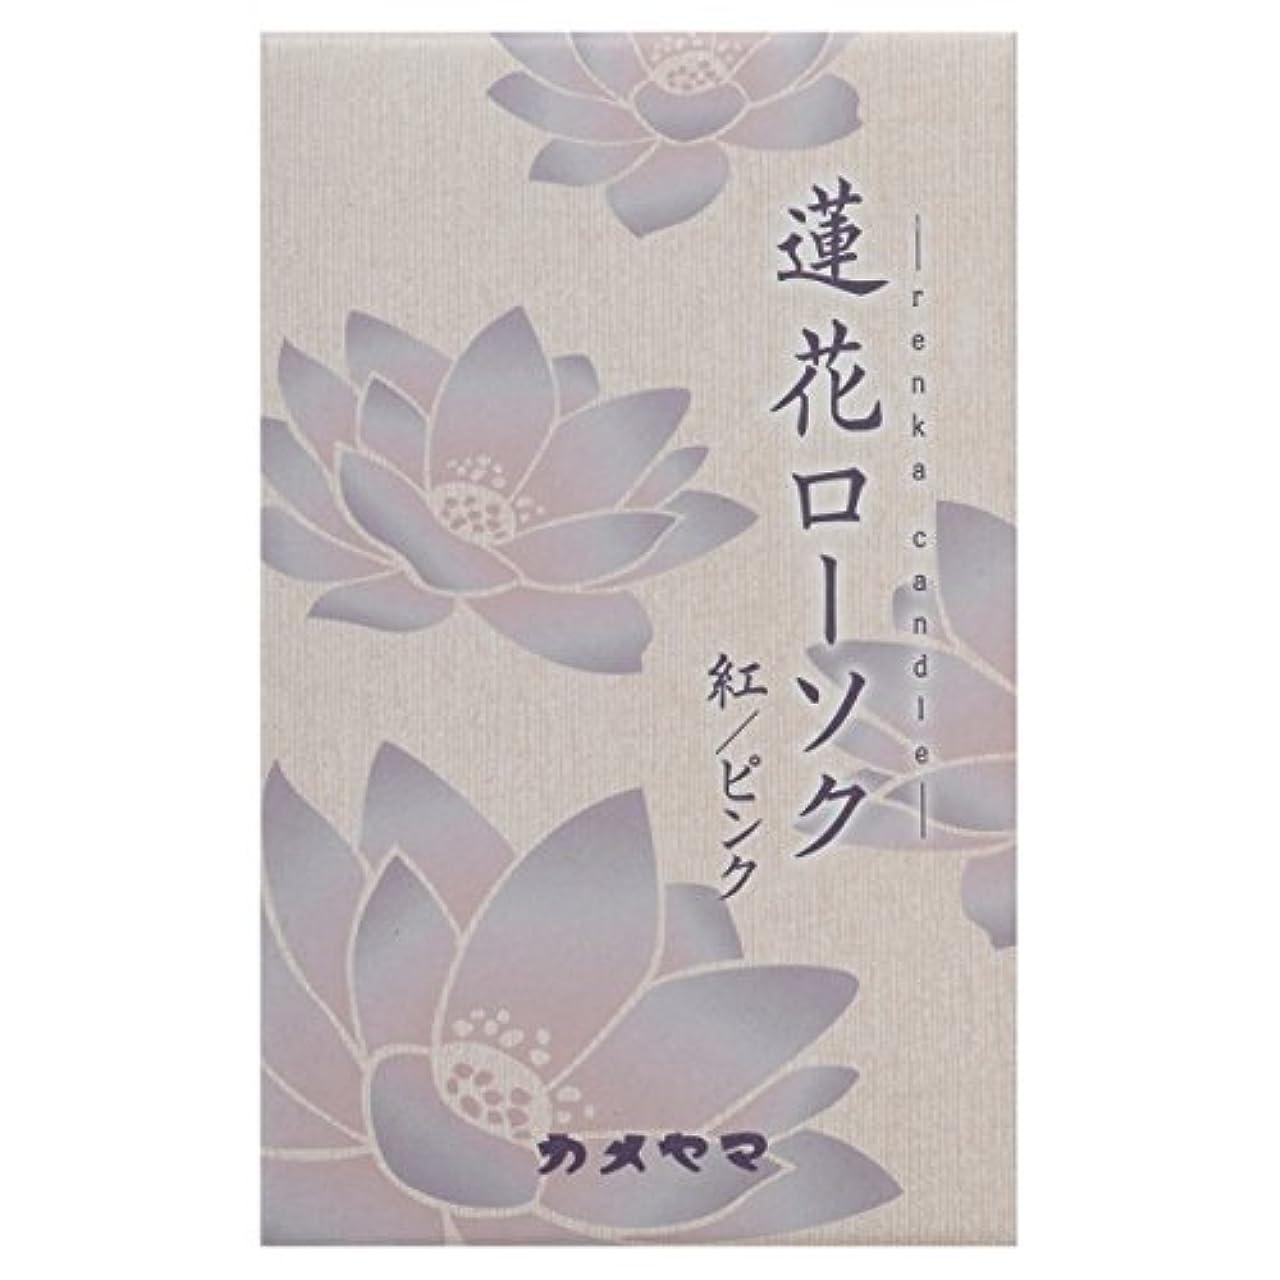 チャームレクリエーション晩ごはんカメヤマ 5インチ蓮花 紅、ピンク